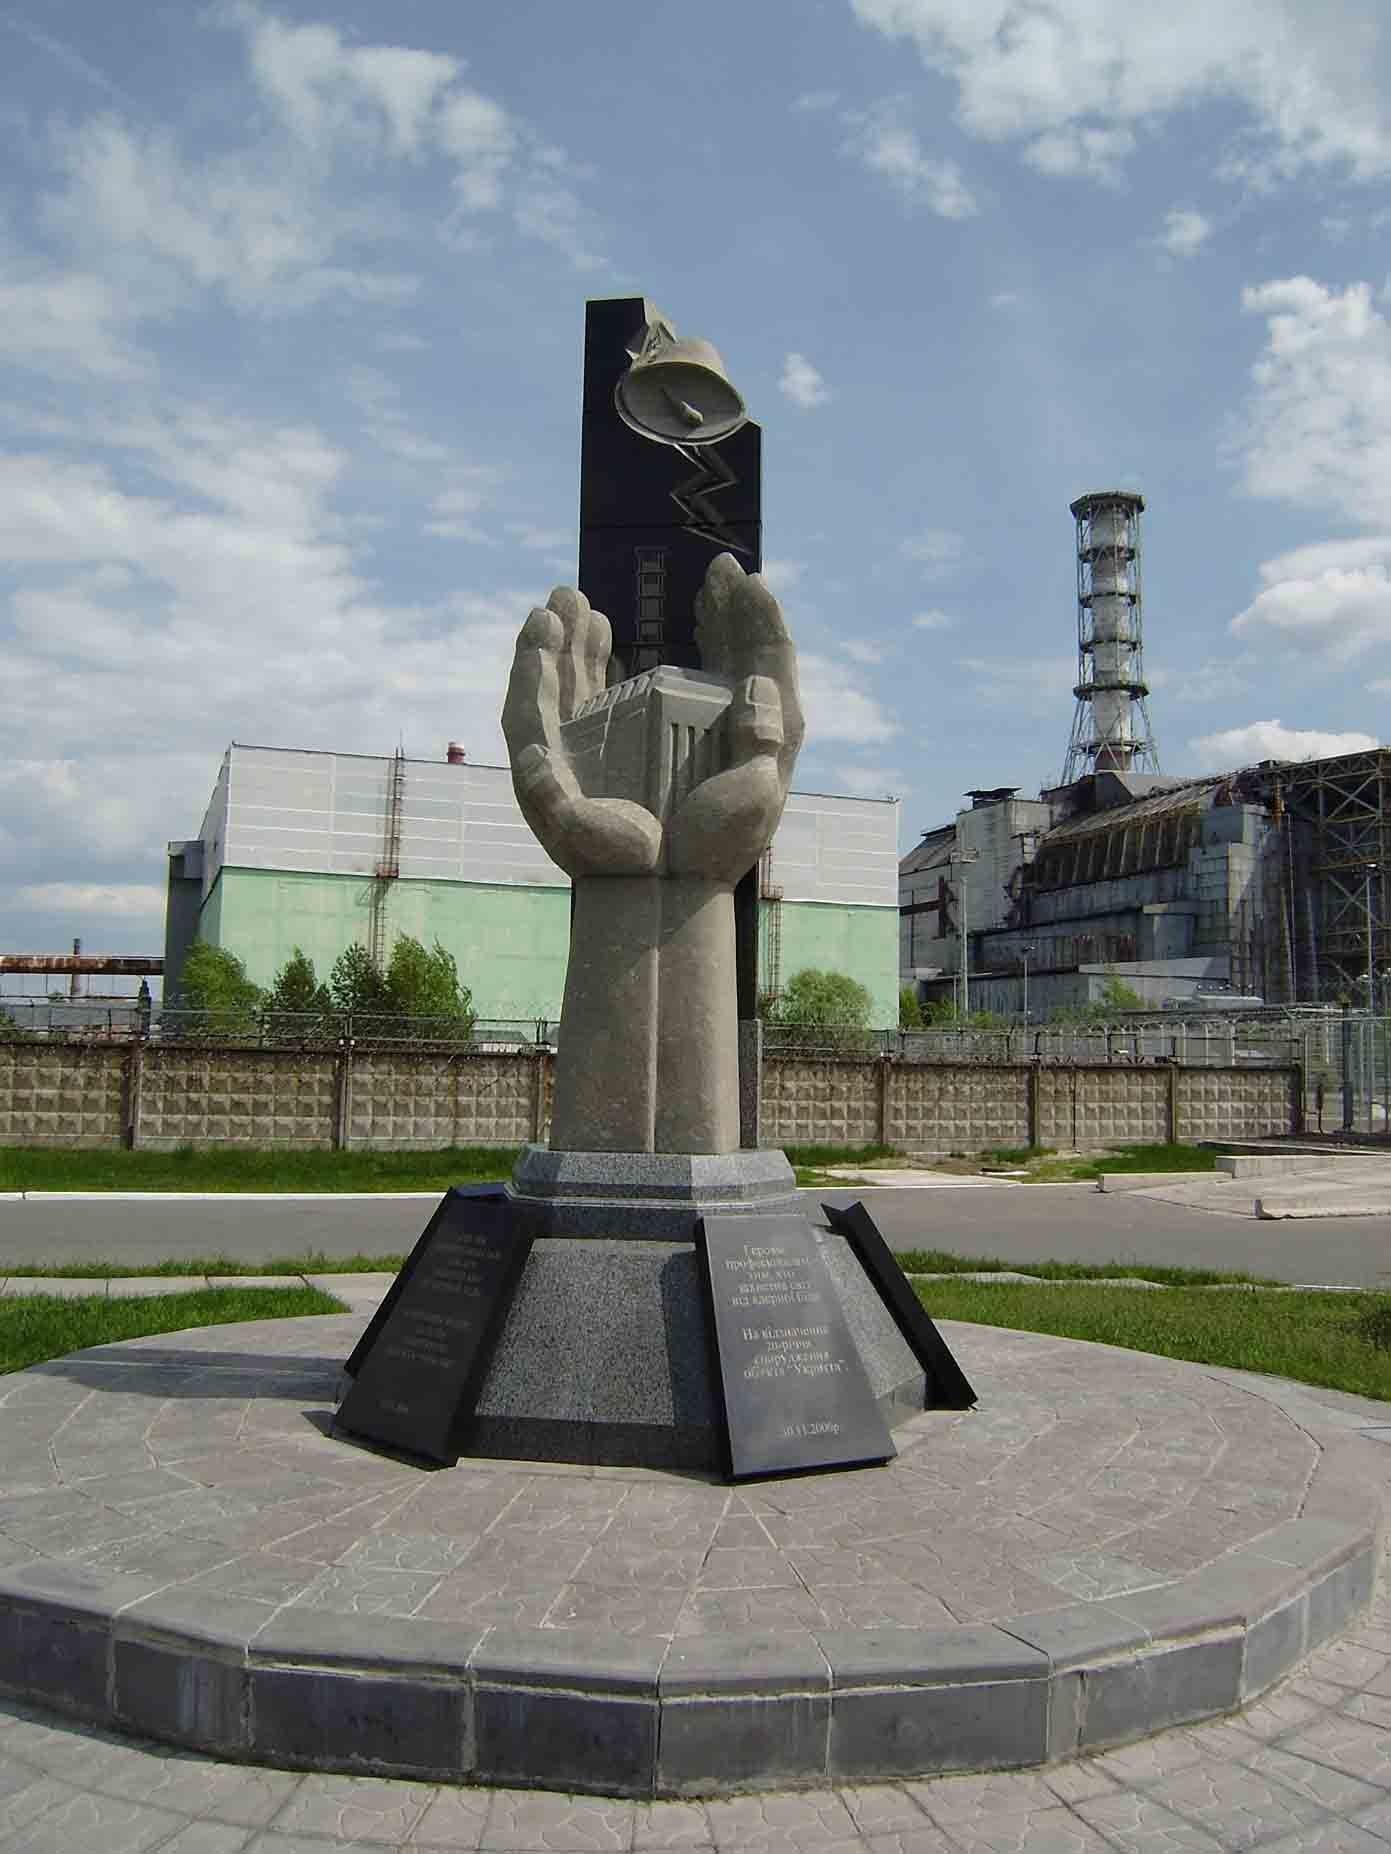 26 квітня – Міжнародний день пам'яті жертв радіаційних аварій і катастроф, День Чорнобильської трагедії